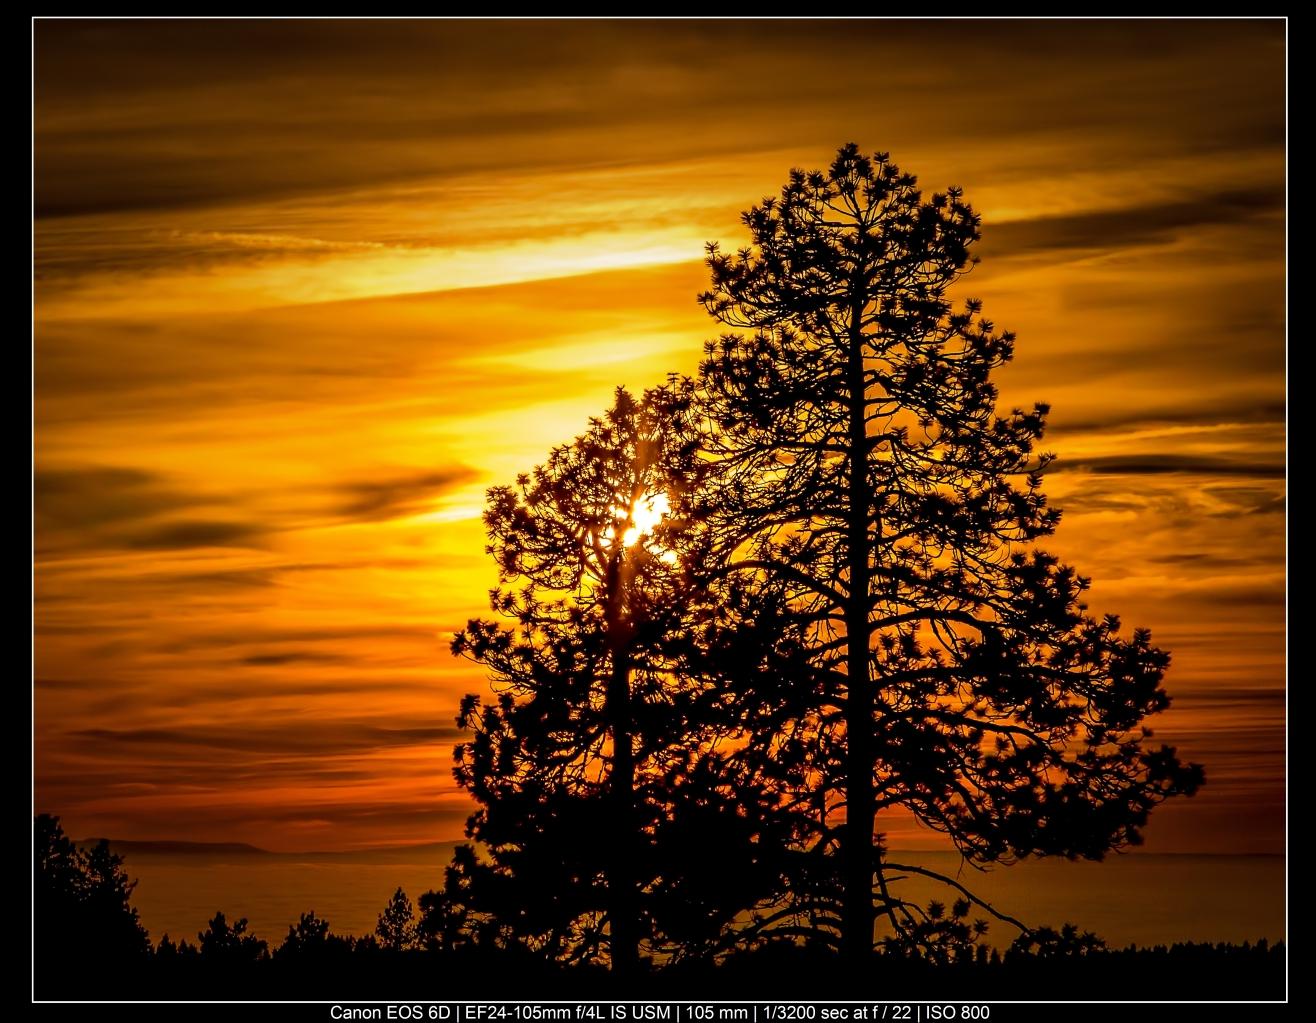 Fotografia de paisagens com silhuetas de árvores coloridas